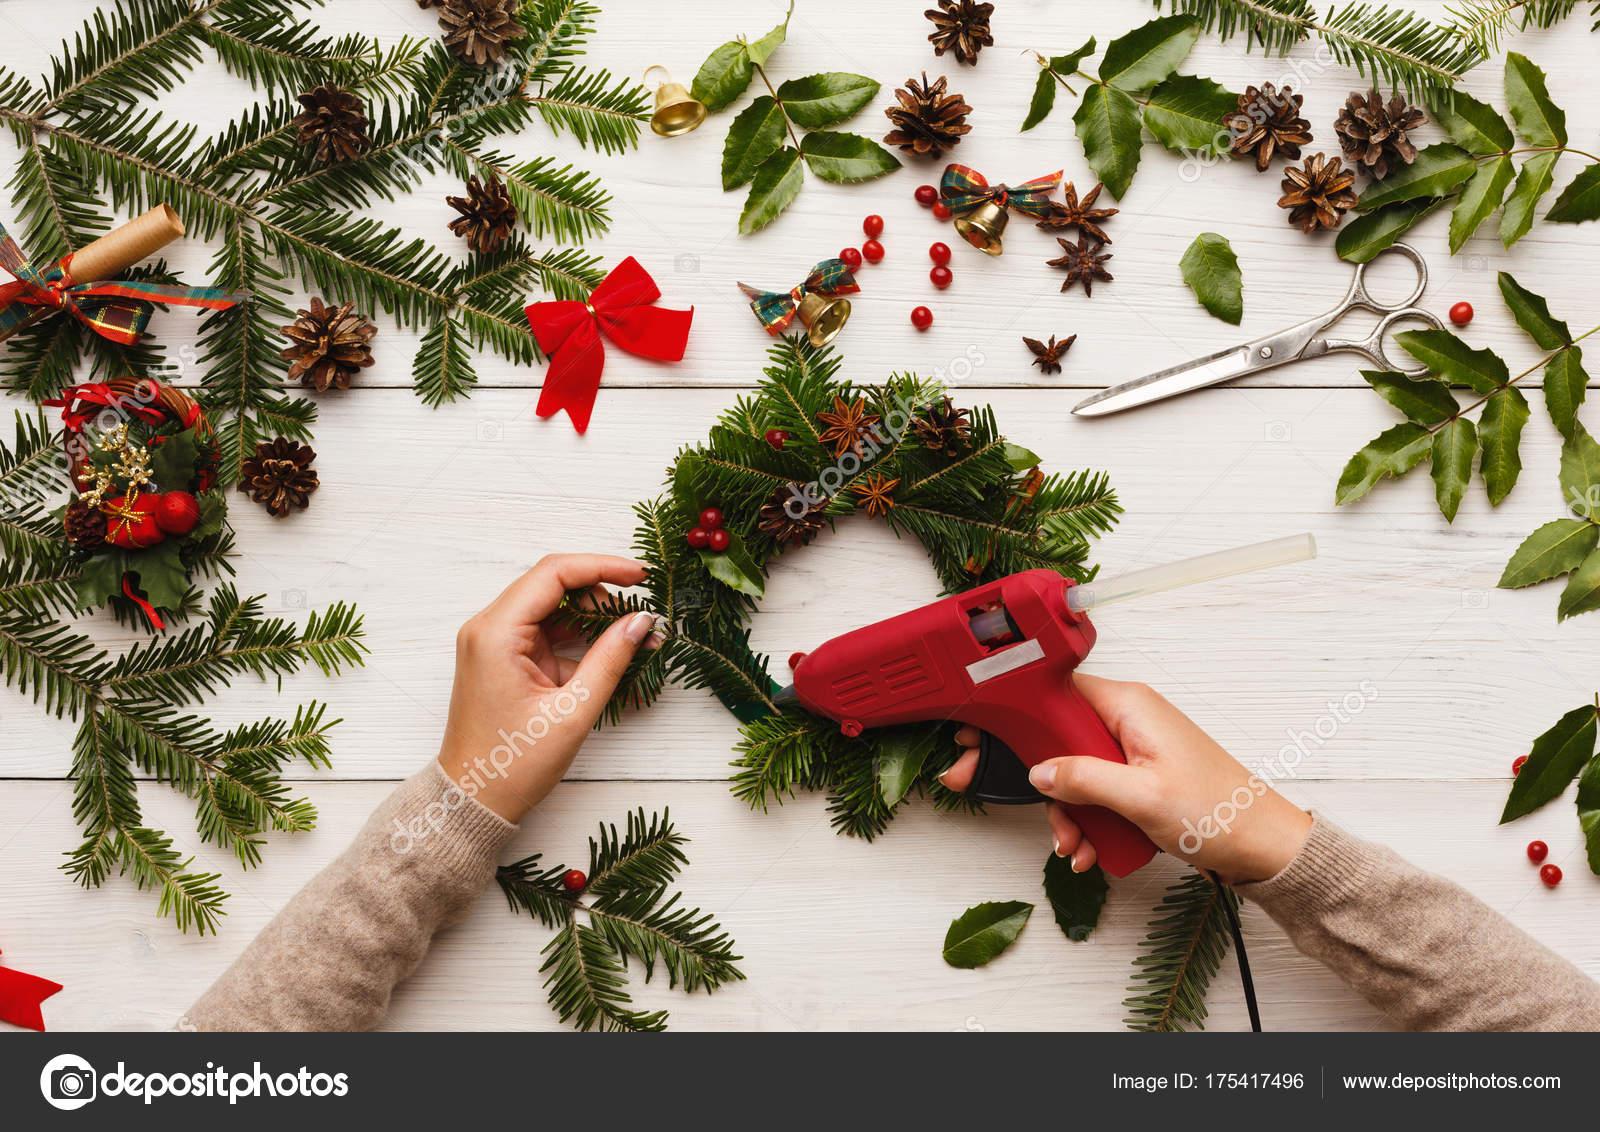 Decorazioni Fai Da Te Di Natale : Dettagli per natale fai da te. decorazione di natale artigianali